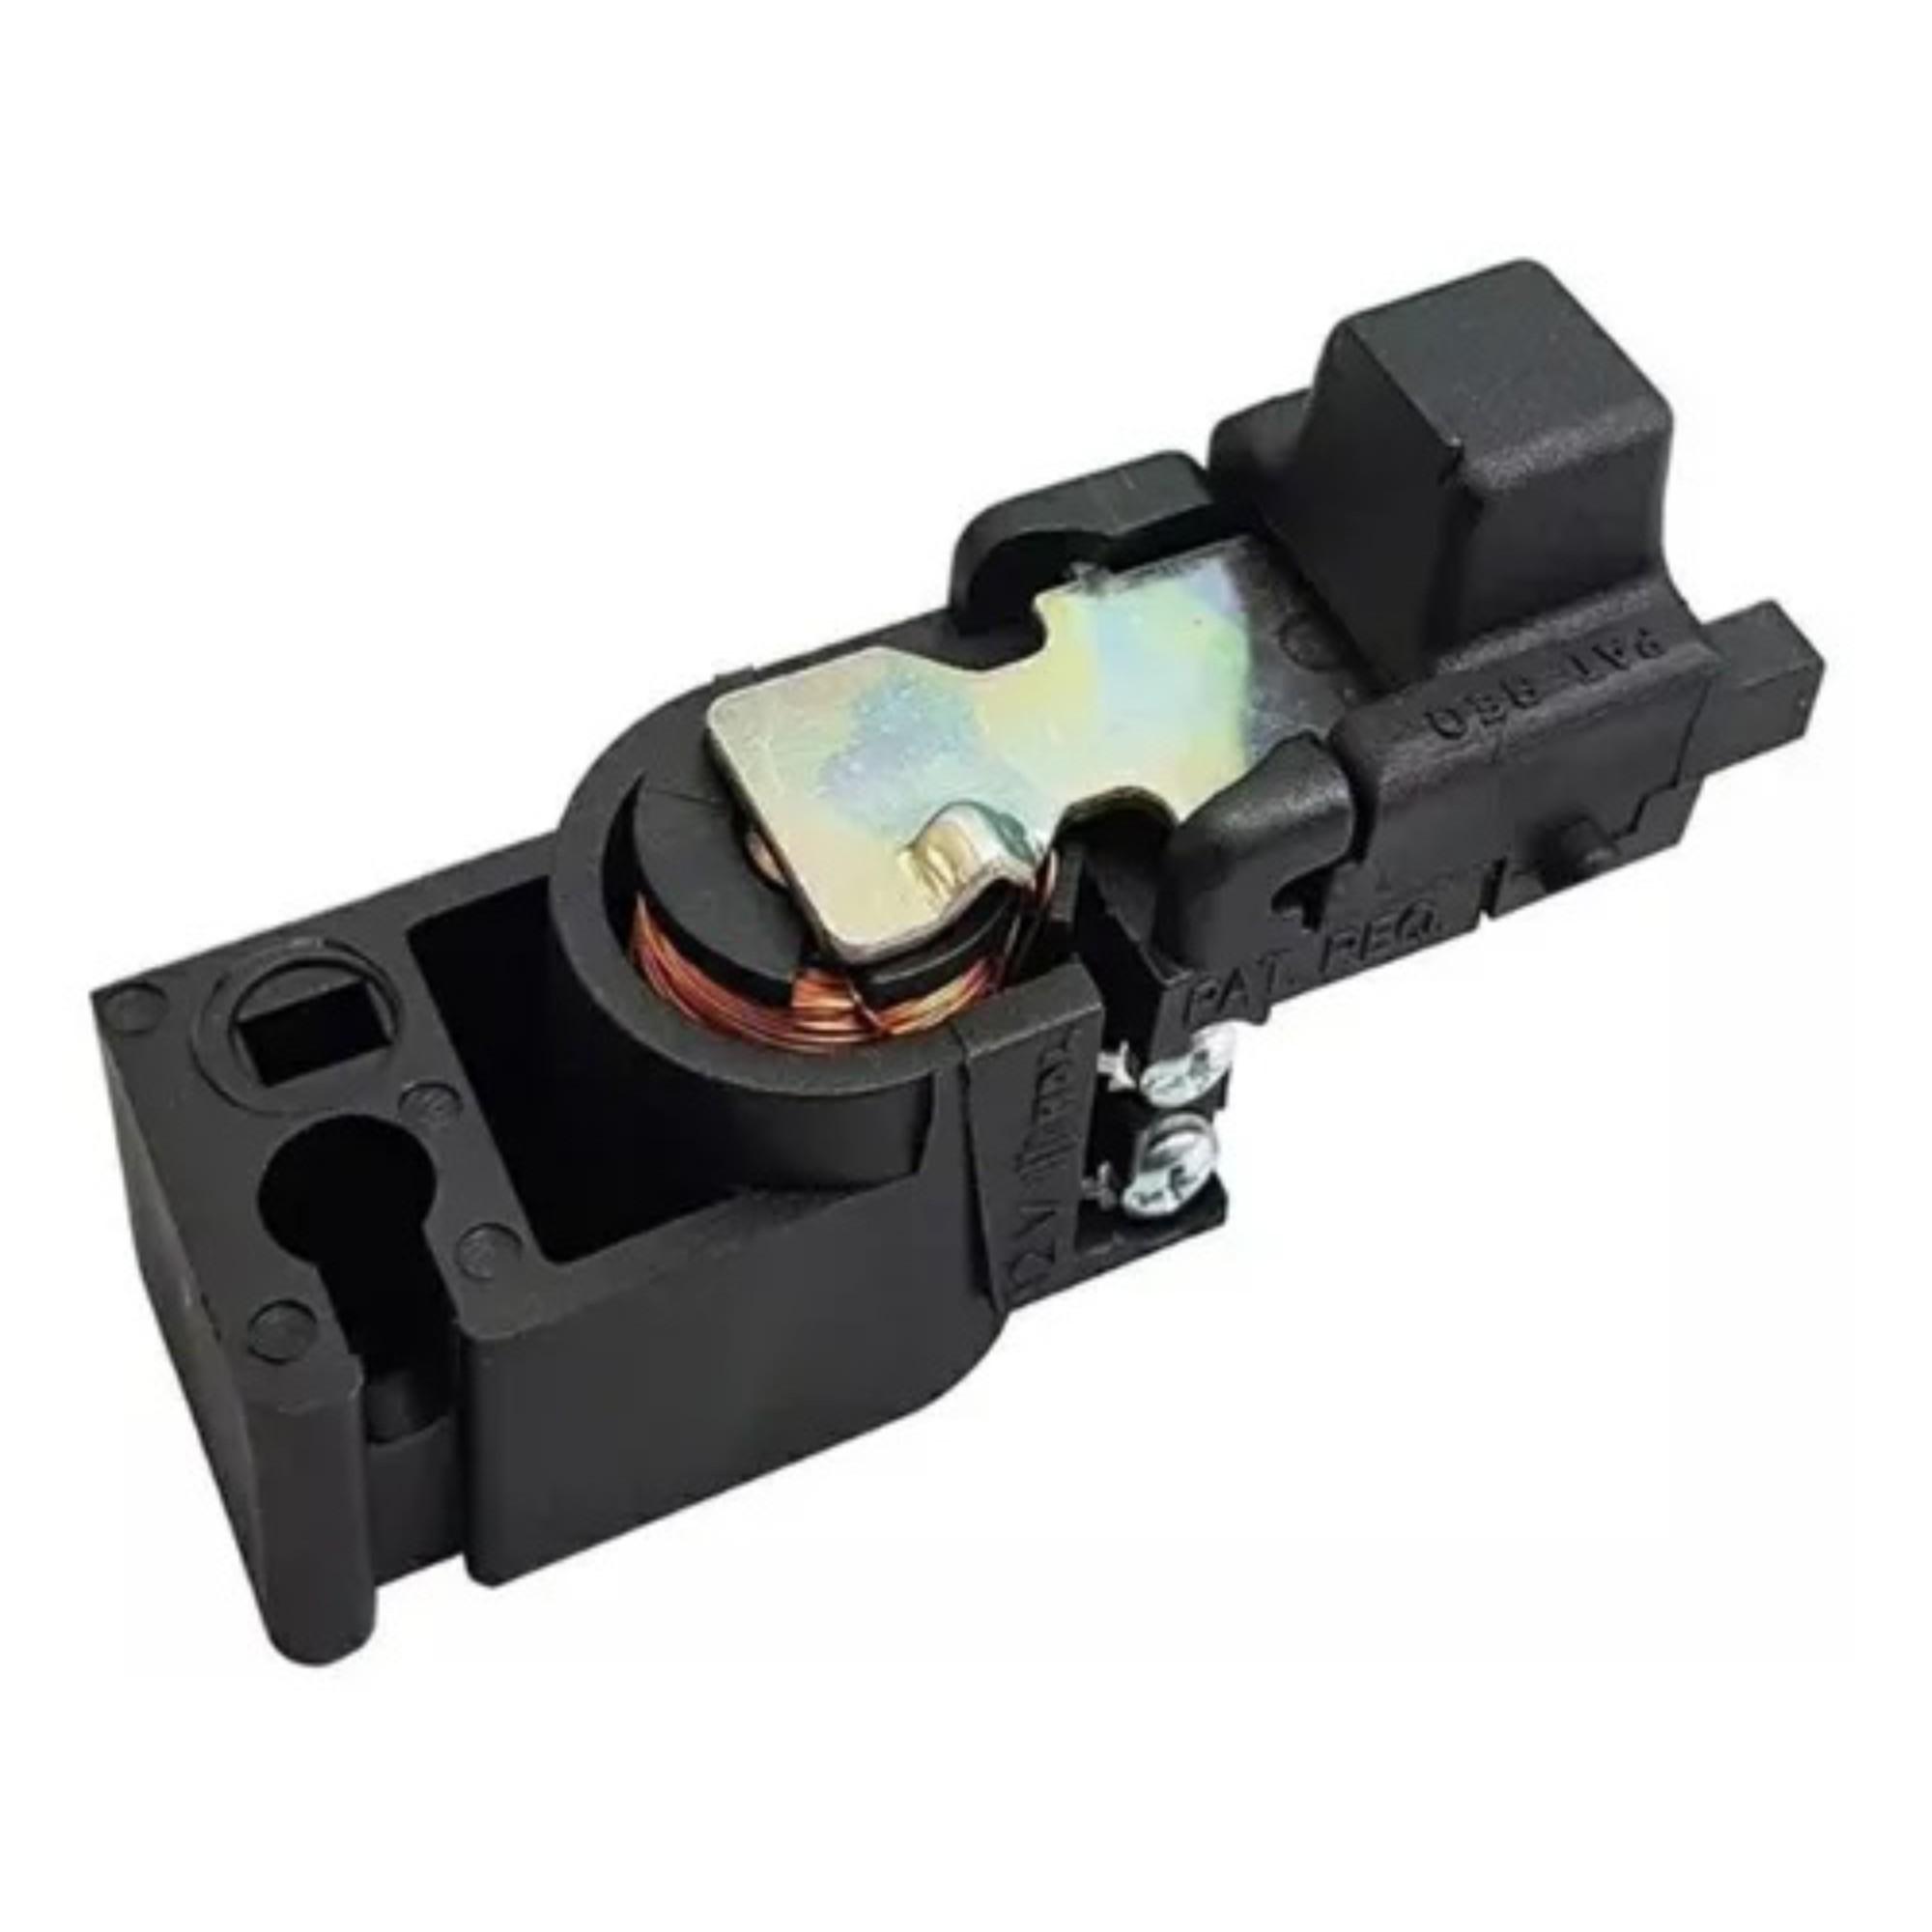 Bobina Para Fechadura Elétrica 12v HDL C90